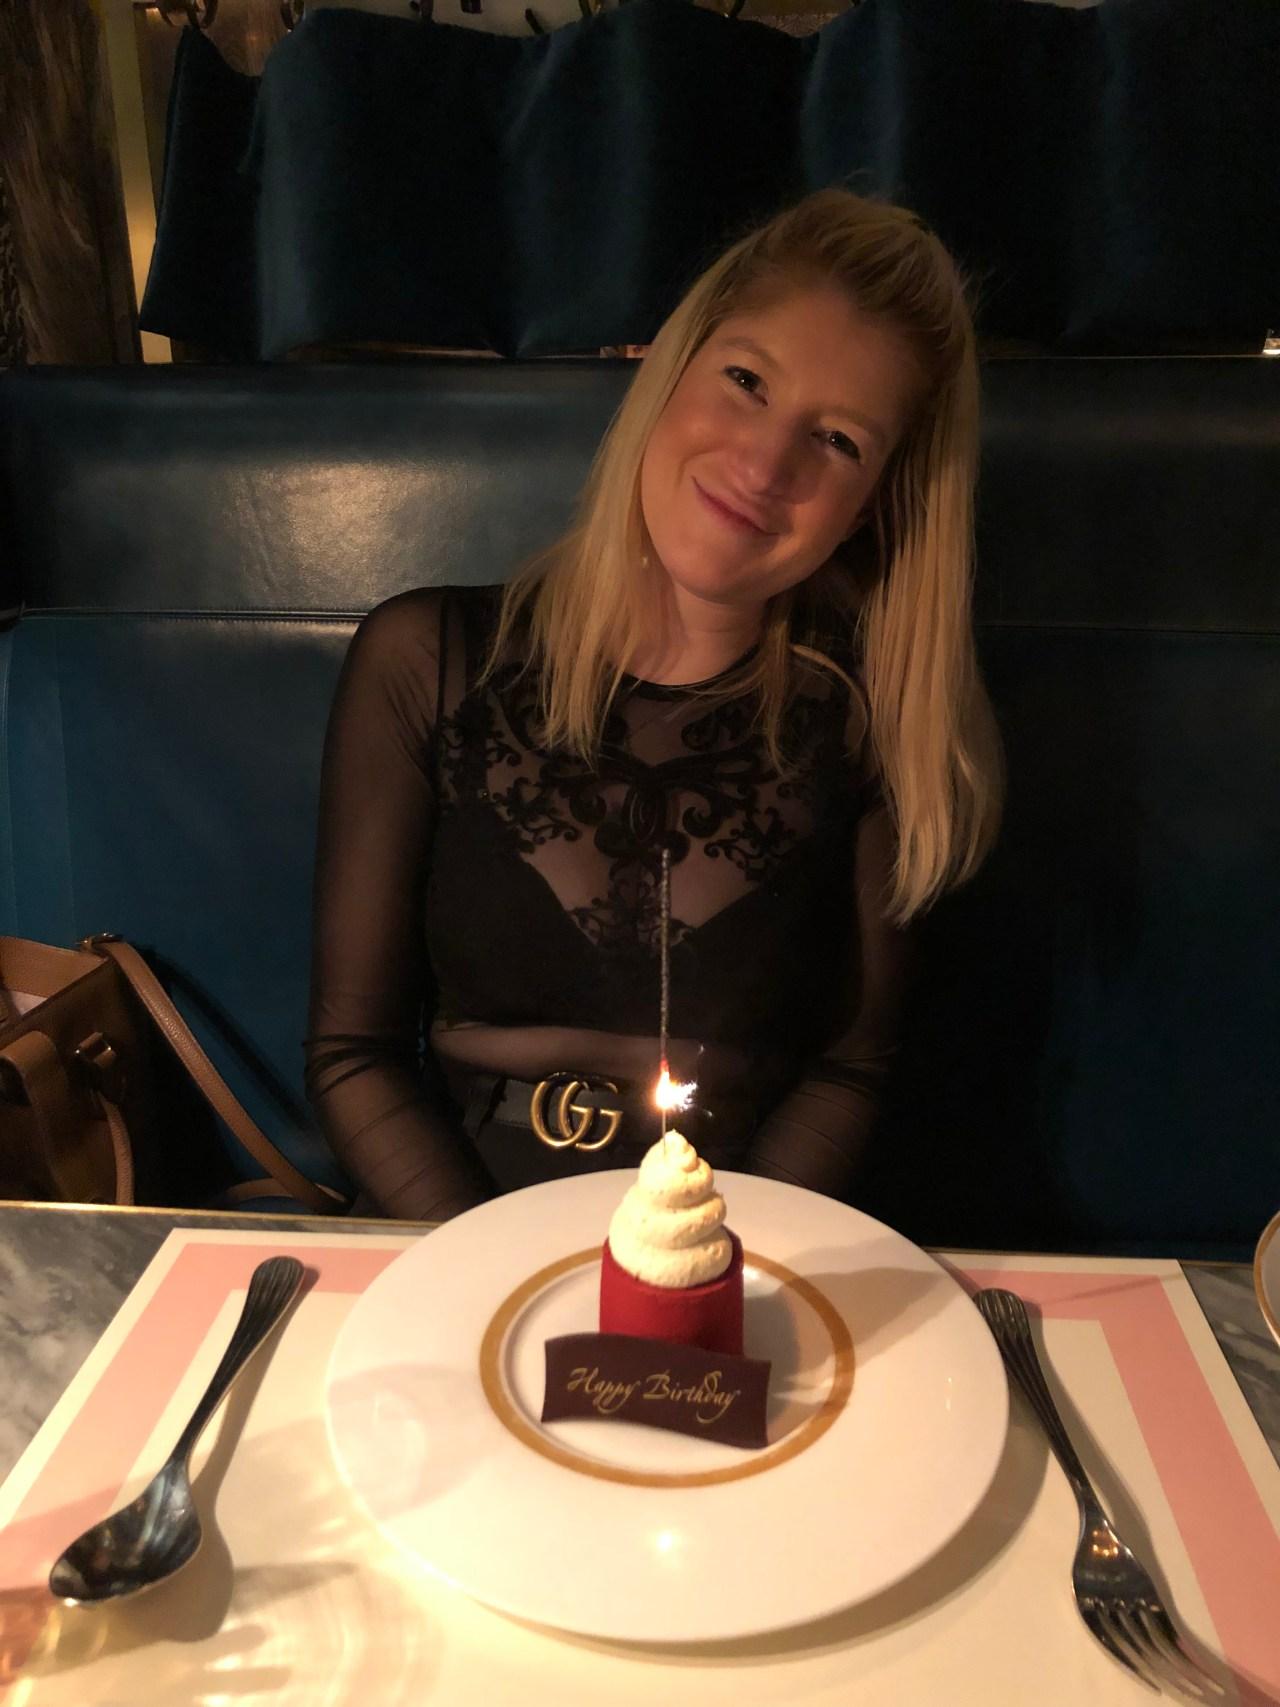 Bob Bob Ricard dessert birthday